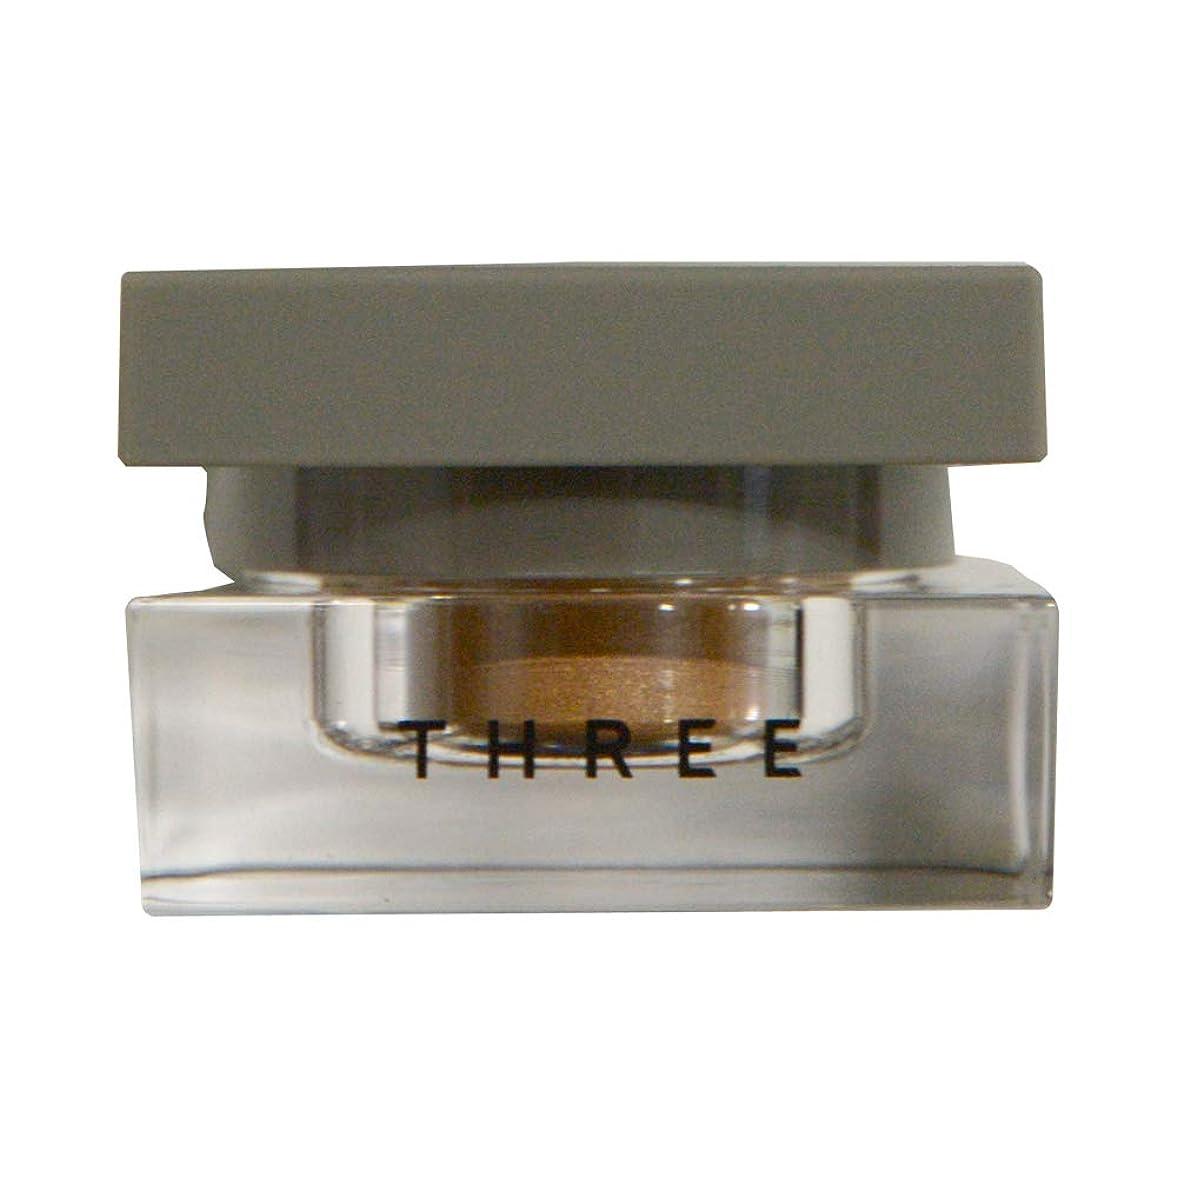 哲学的写真暴徒THREE(スリー) デアリングヴォヤージャー#04 DARE TO TRY (限定)[ アイシャドウ ] [並行輸入品]